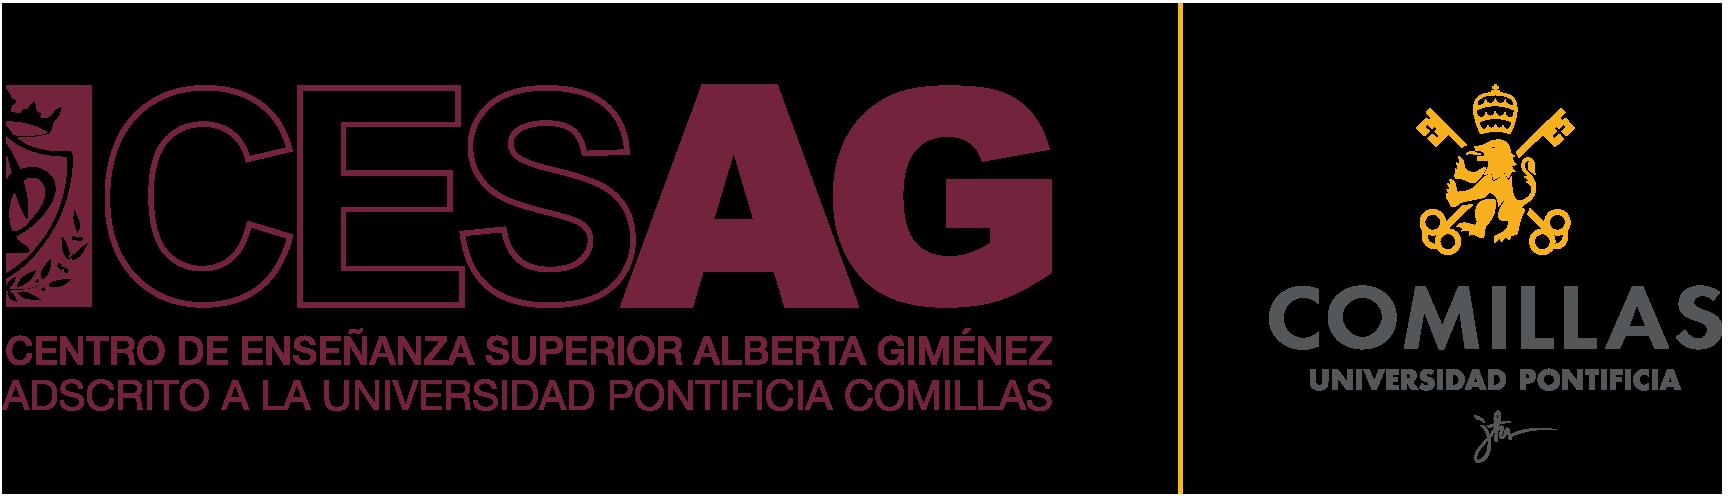 CESAG Centro de Enseñanza Superior Alberta Giménez